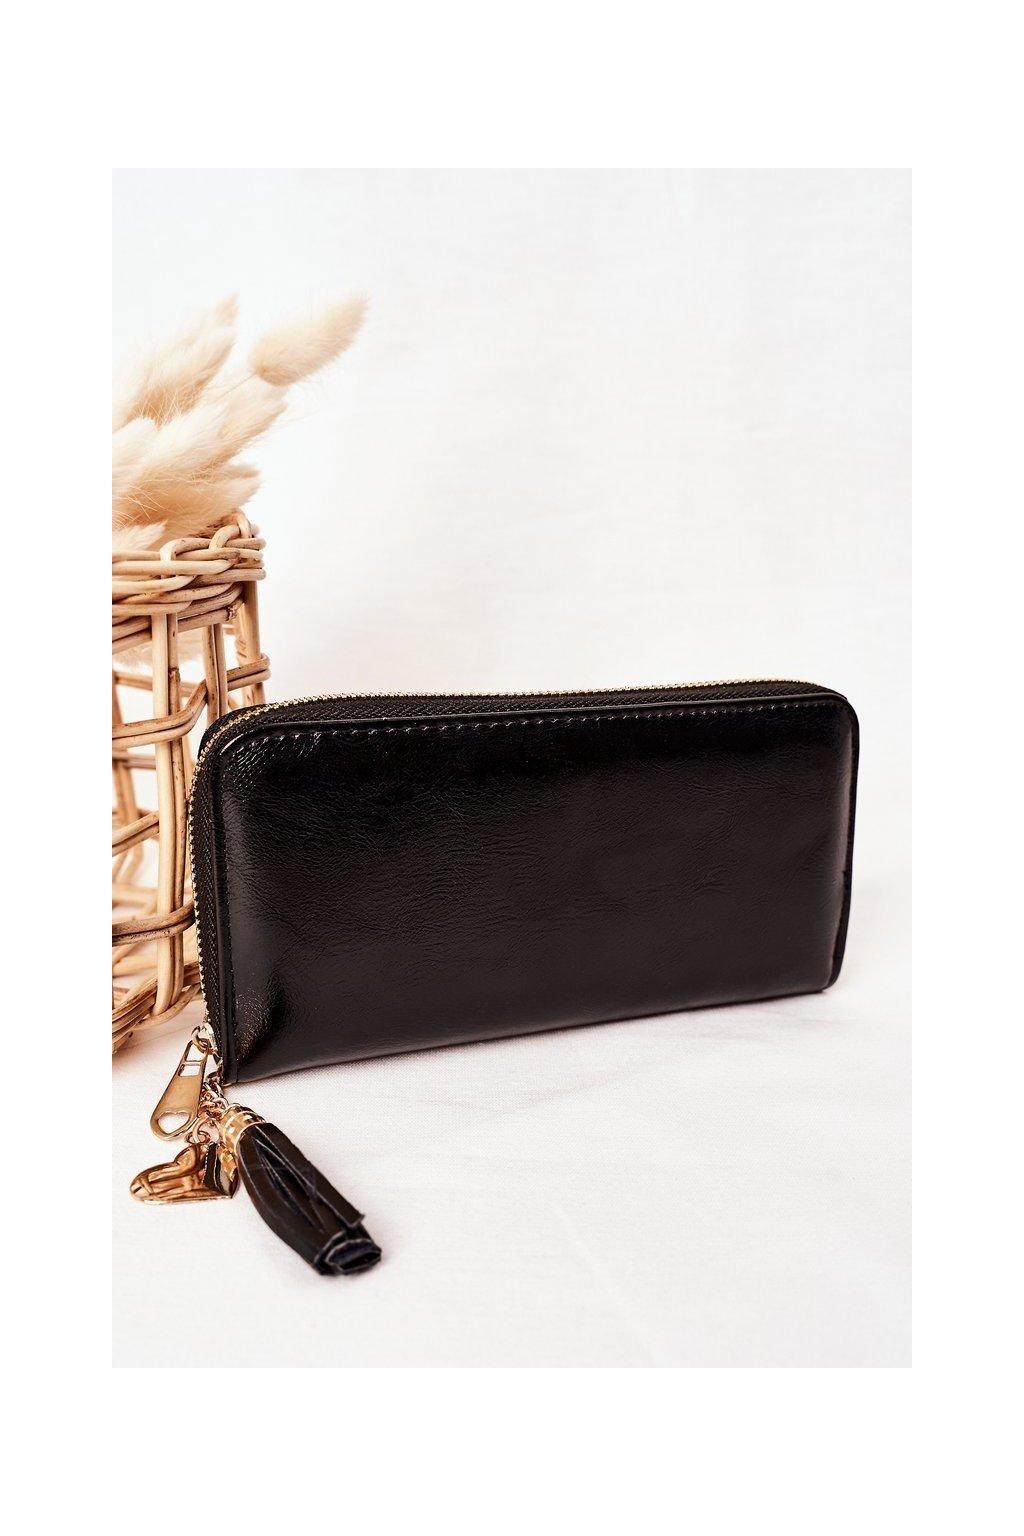 Peňaženka farba čierna kód W-126 CZARNY